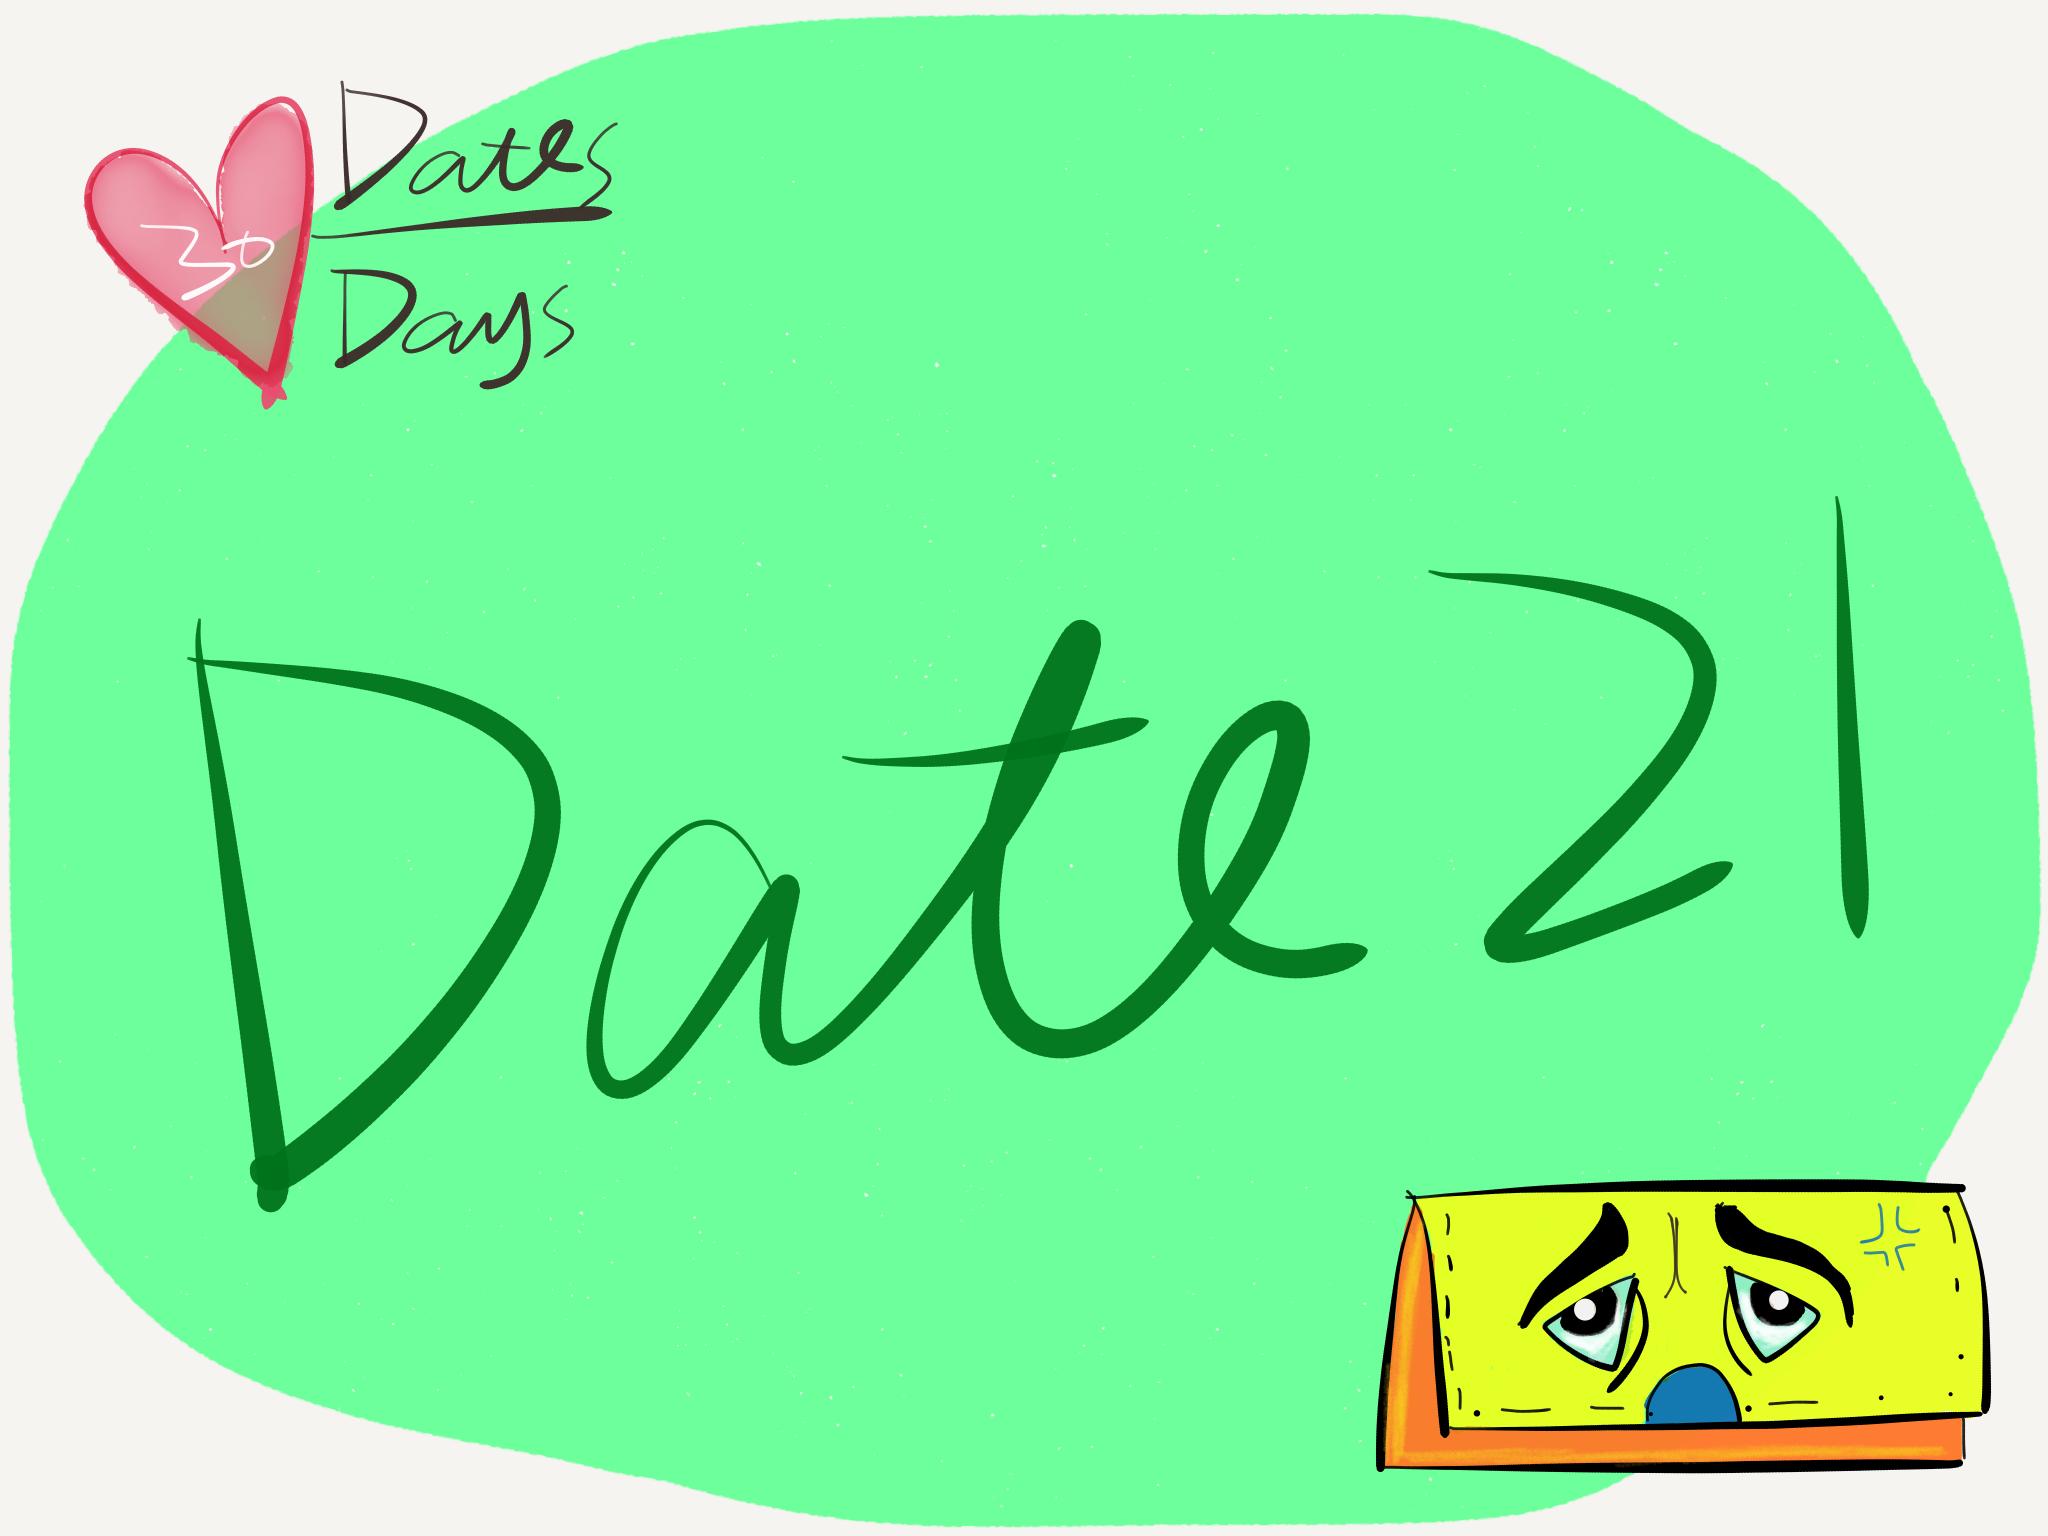 30 Dates - 24